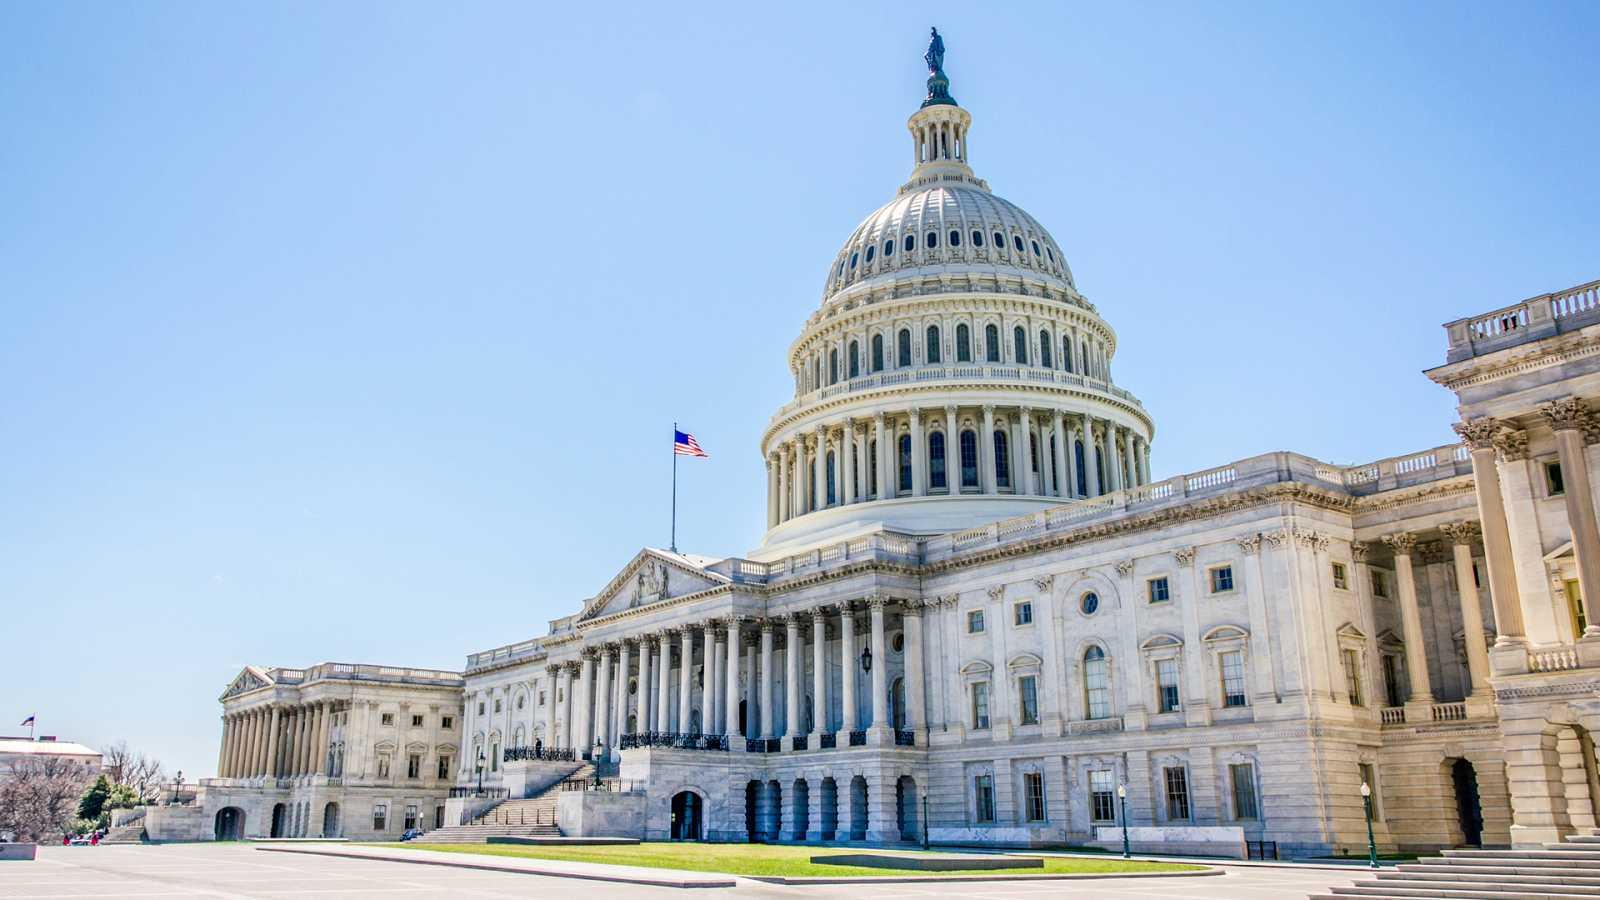 Hora América - La herencia española en el Capitolio de EE. UU. - 19/01/21 - escuchar ahora